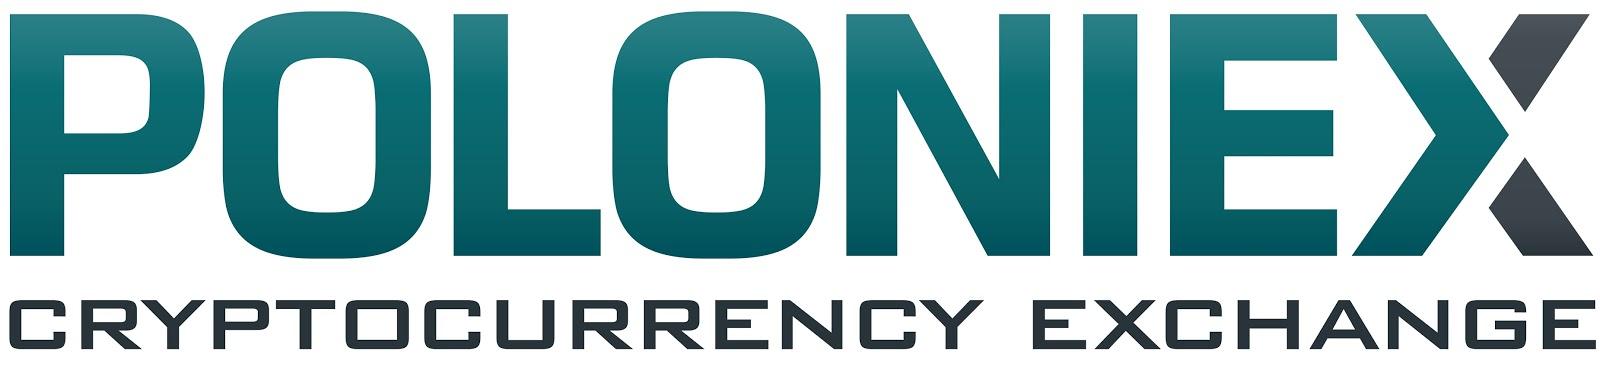 A popular corretora de criptografia Poloniex fez uma declaração oficial sobre um possível hard fork na rede Bitcoin, dizendo que, nesta fase, não pode suportar nenhuma rede específica.